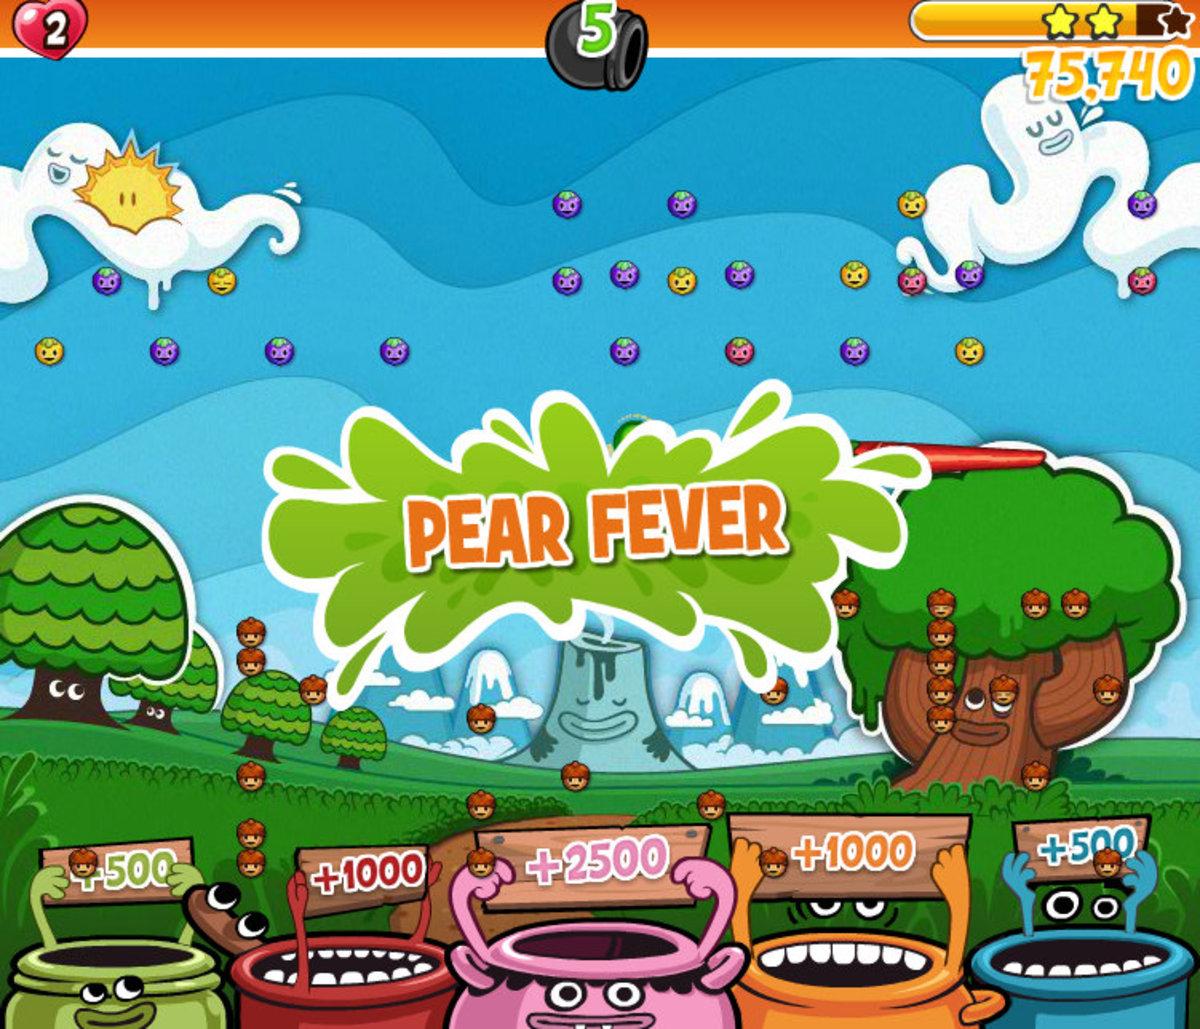 Pear Fever Bonus Mode